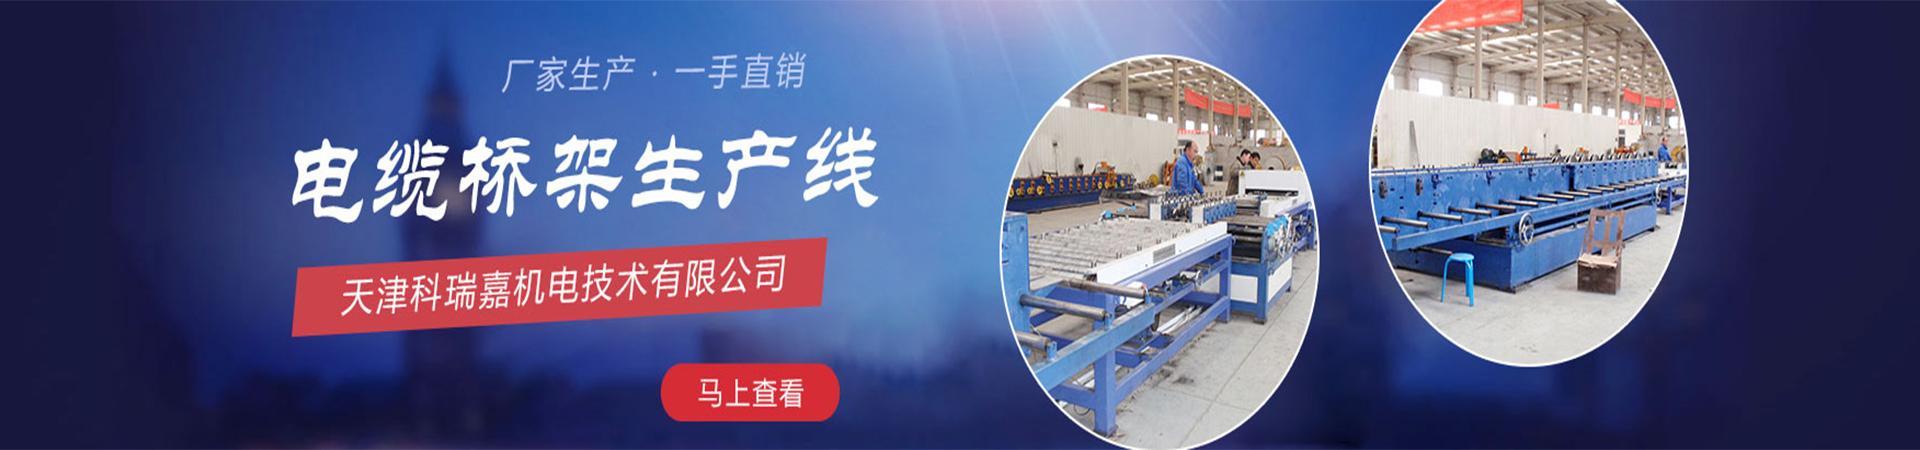 电缆桥架生产线海报